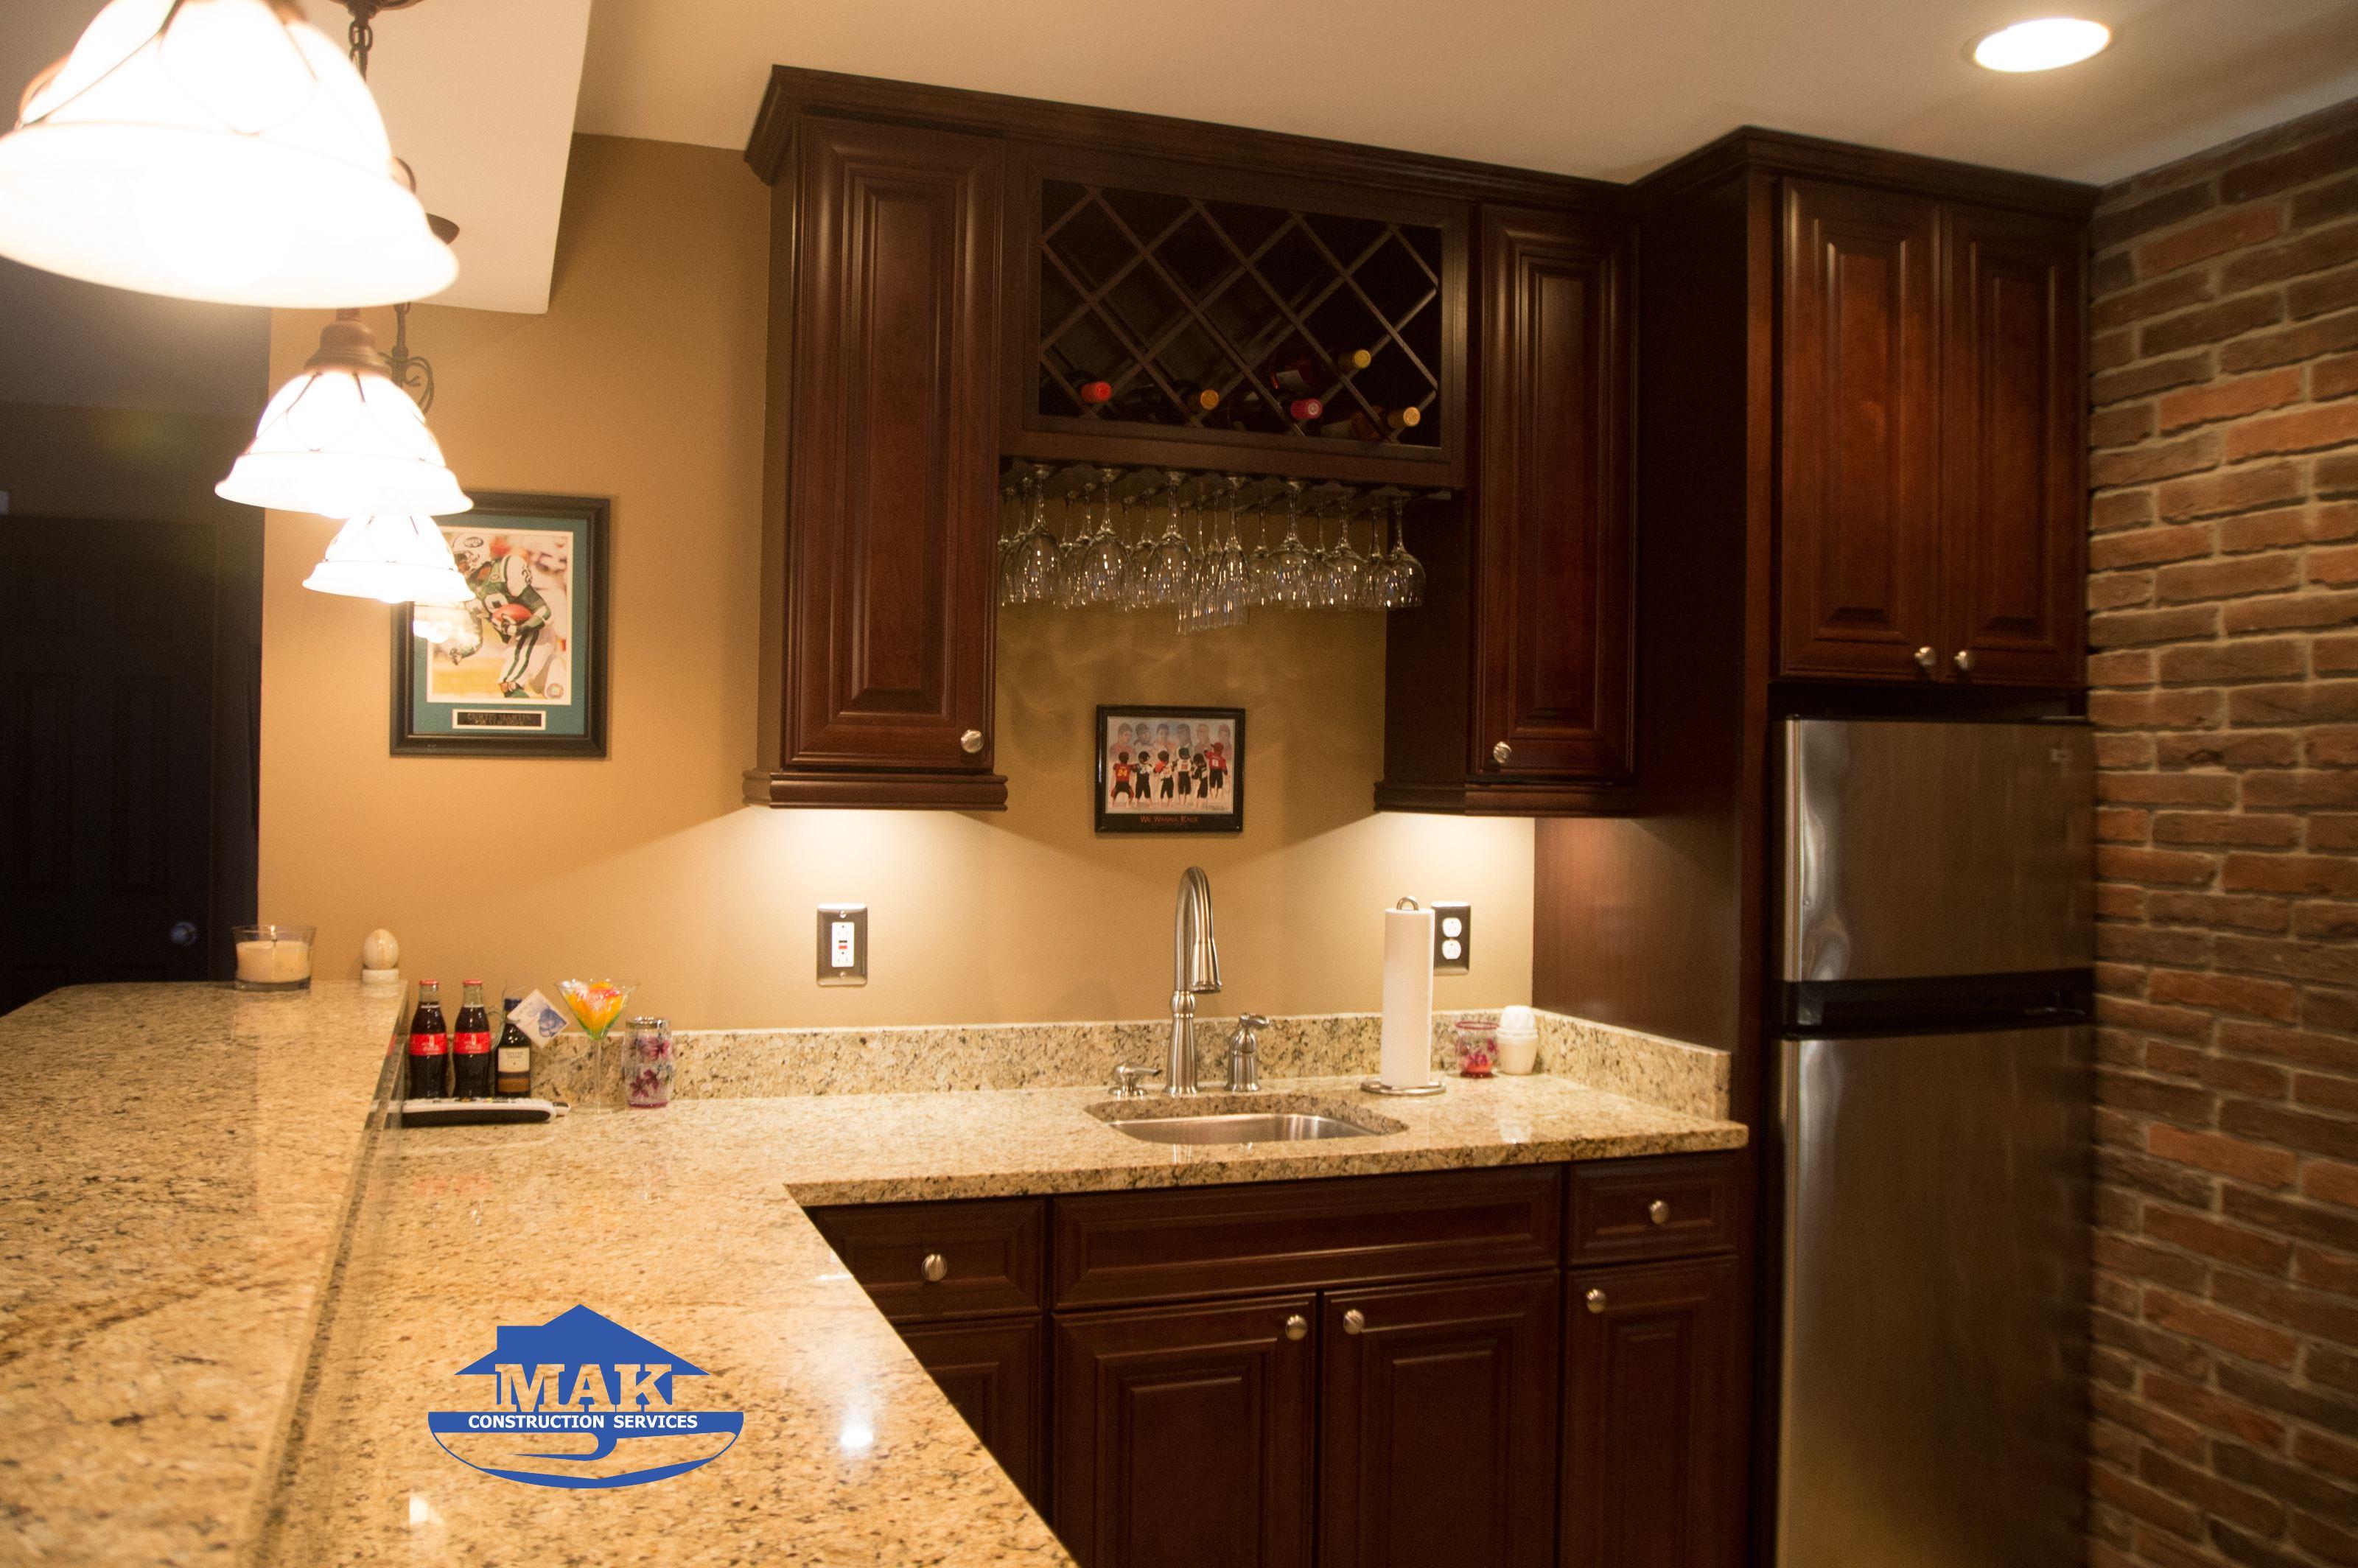 Kitchenette  Under Cabinet Lighting, Wine Rack, Shenandoah Cabinets ( McKinley Cherry